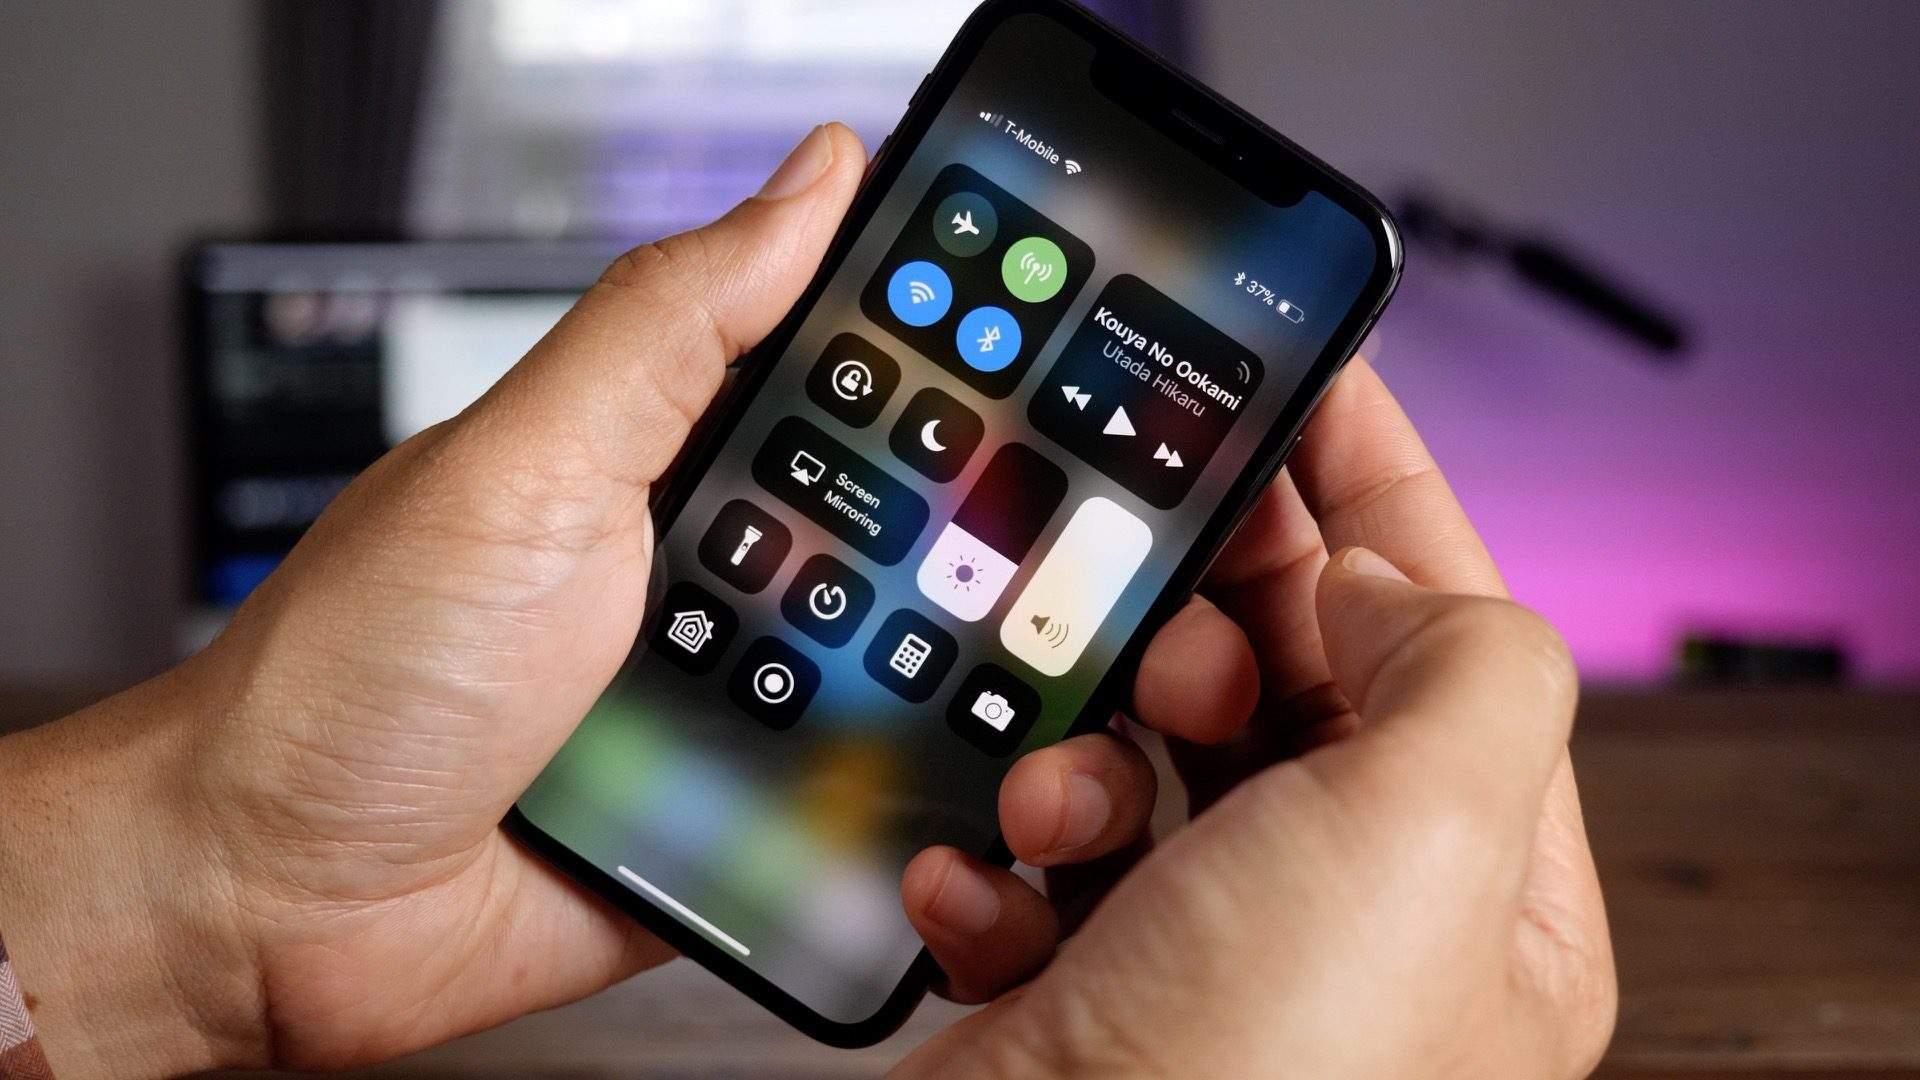 旧苹果手机安装的游戏下架了,怎么安装到新手机上呢?